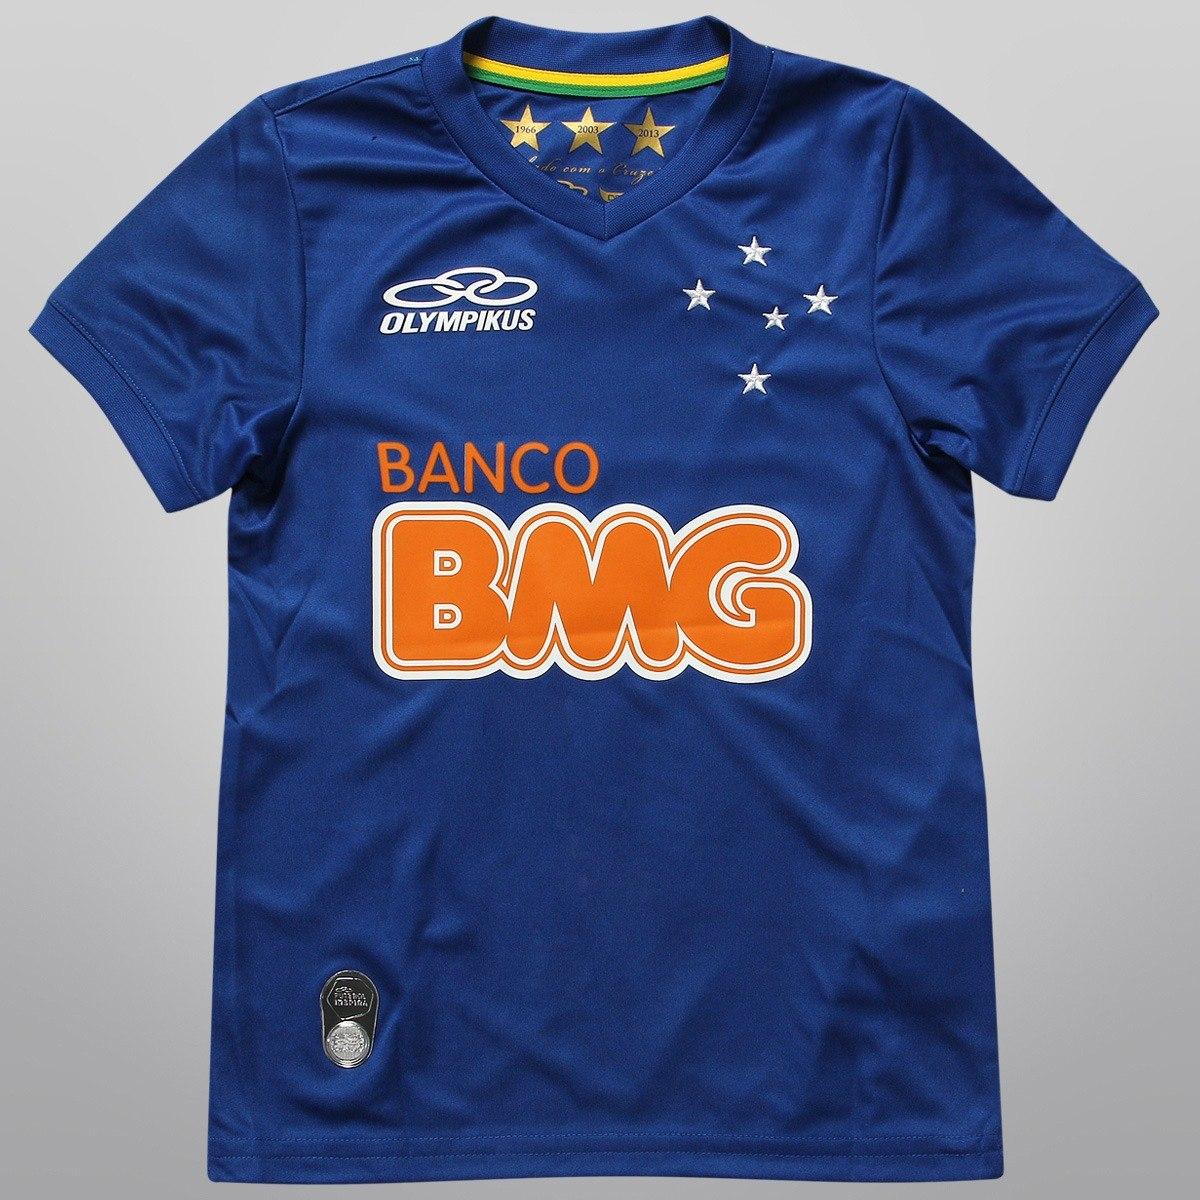 camisa infantil cruzeiro original 2014. Carregando zoom. 889e60d357d22